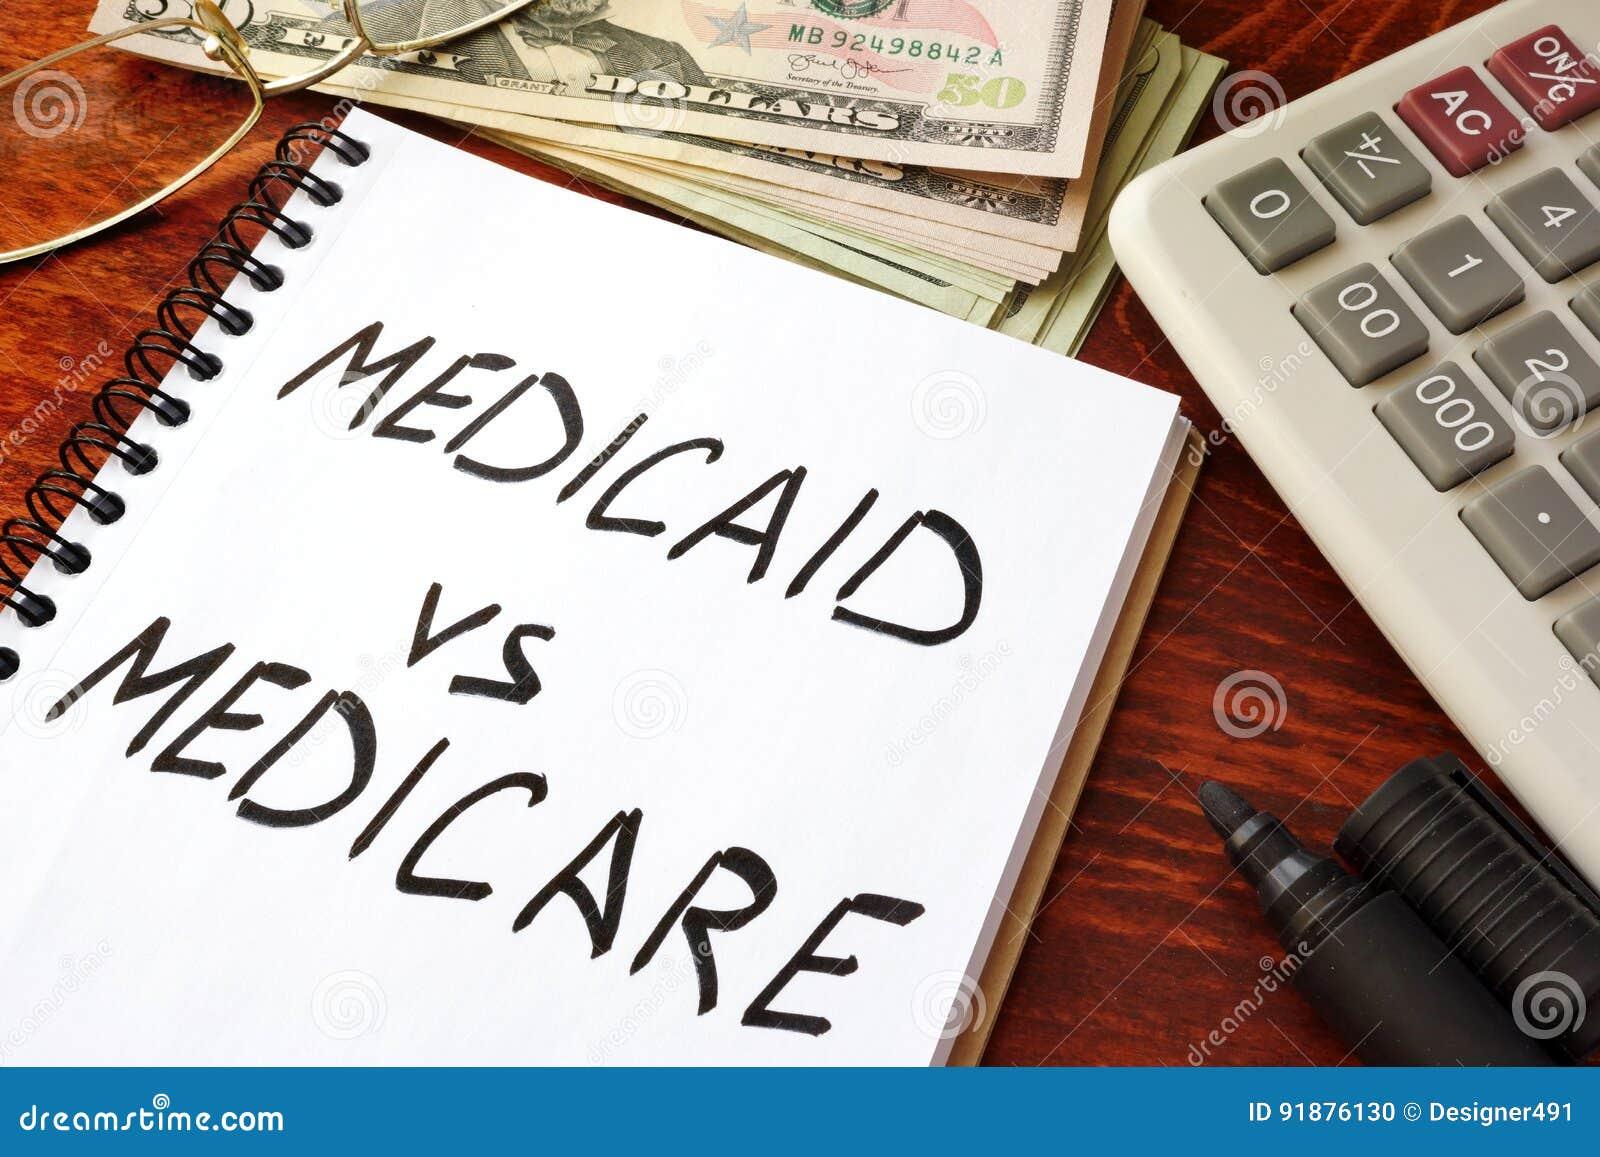 Medicaid gegen Medicare geschrieben in eine Anmerkung